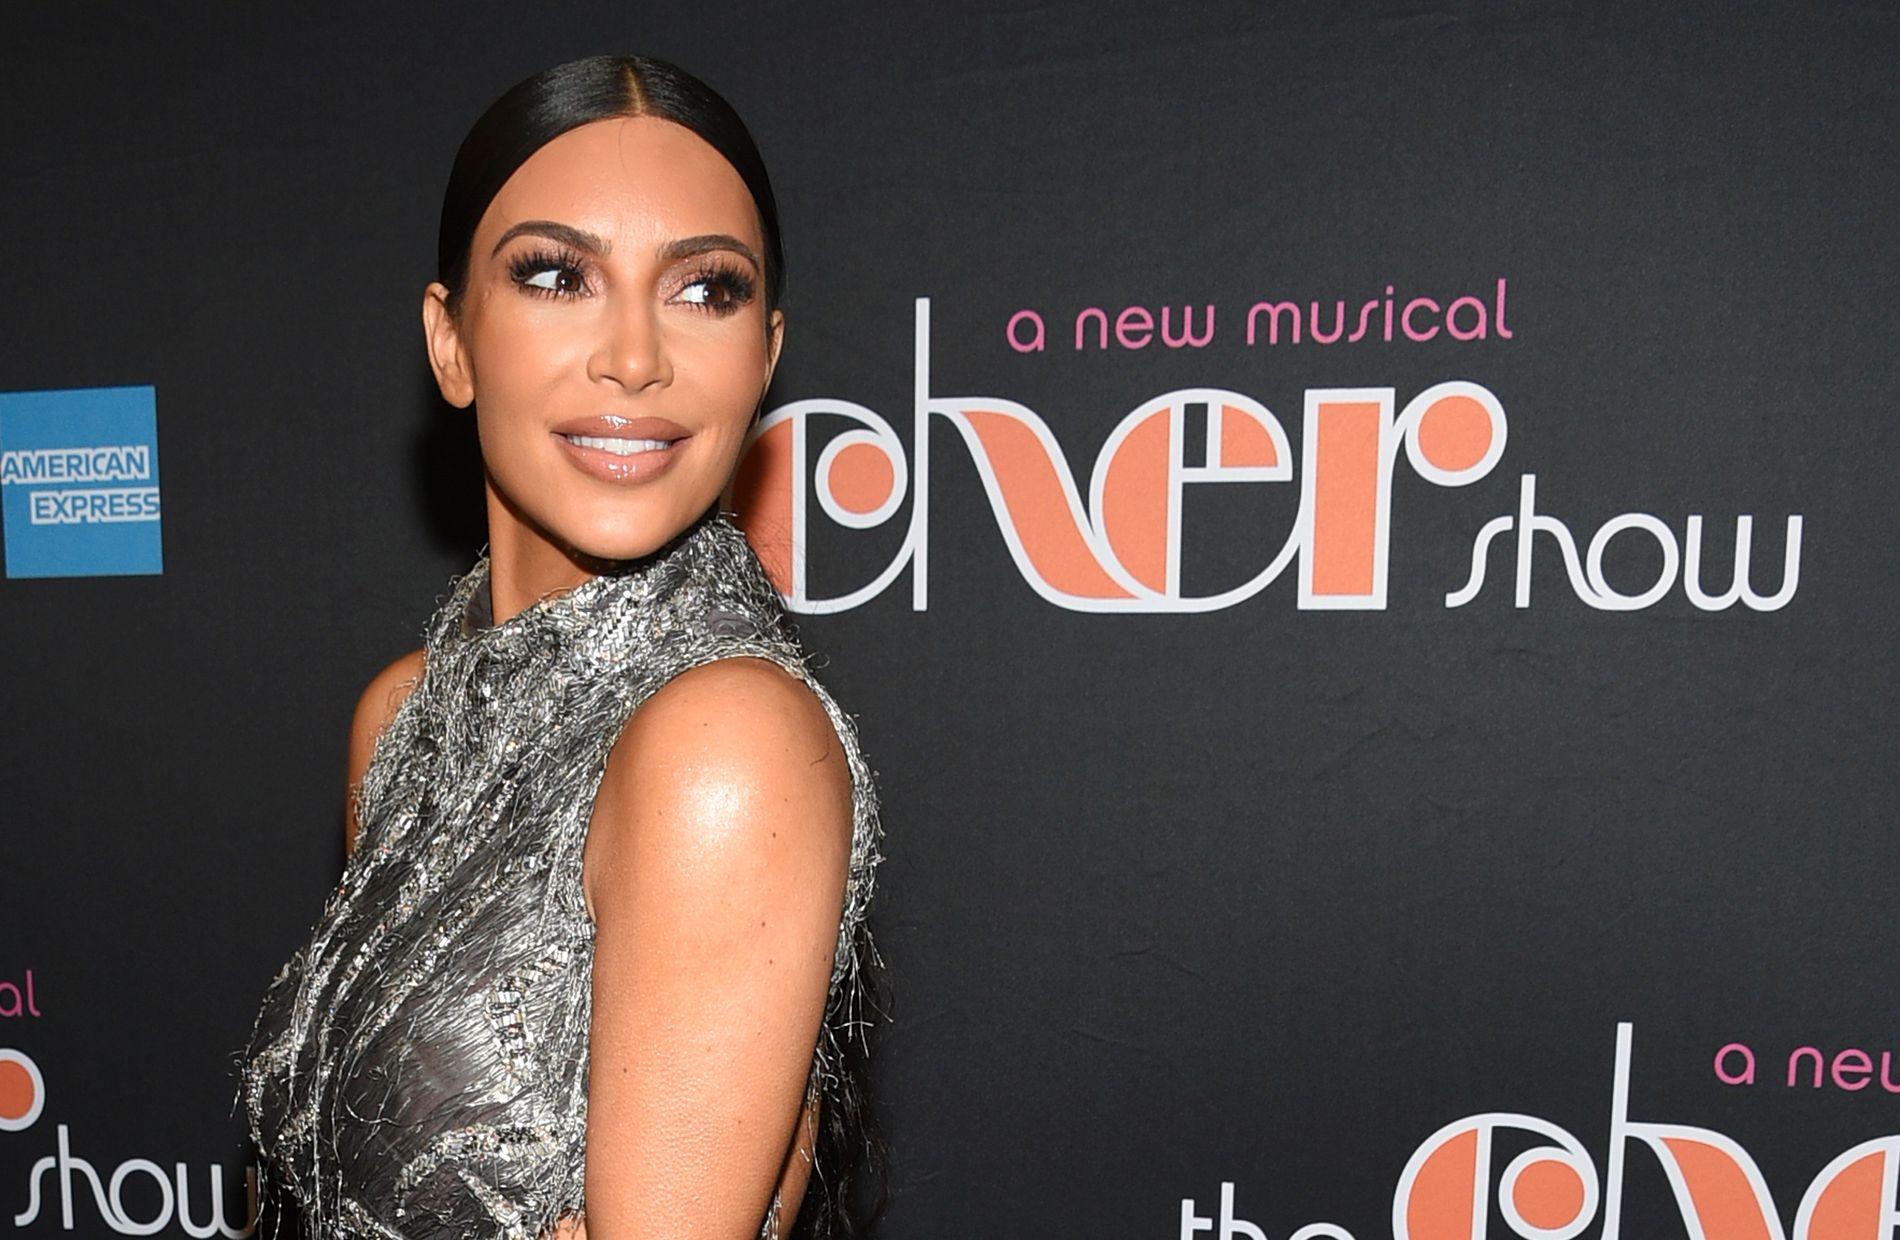 FRA GLAMOUR TIL JUS: Kim Kardashian har i det stille brukt mye tid og krefter for å kjempe for innsattes rettigheter. Nå bruker hun kvelder og helger på jusstudiene.